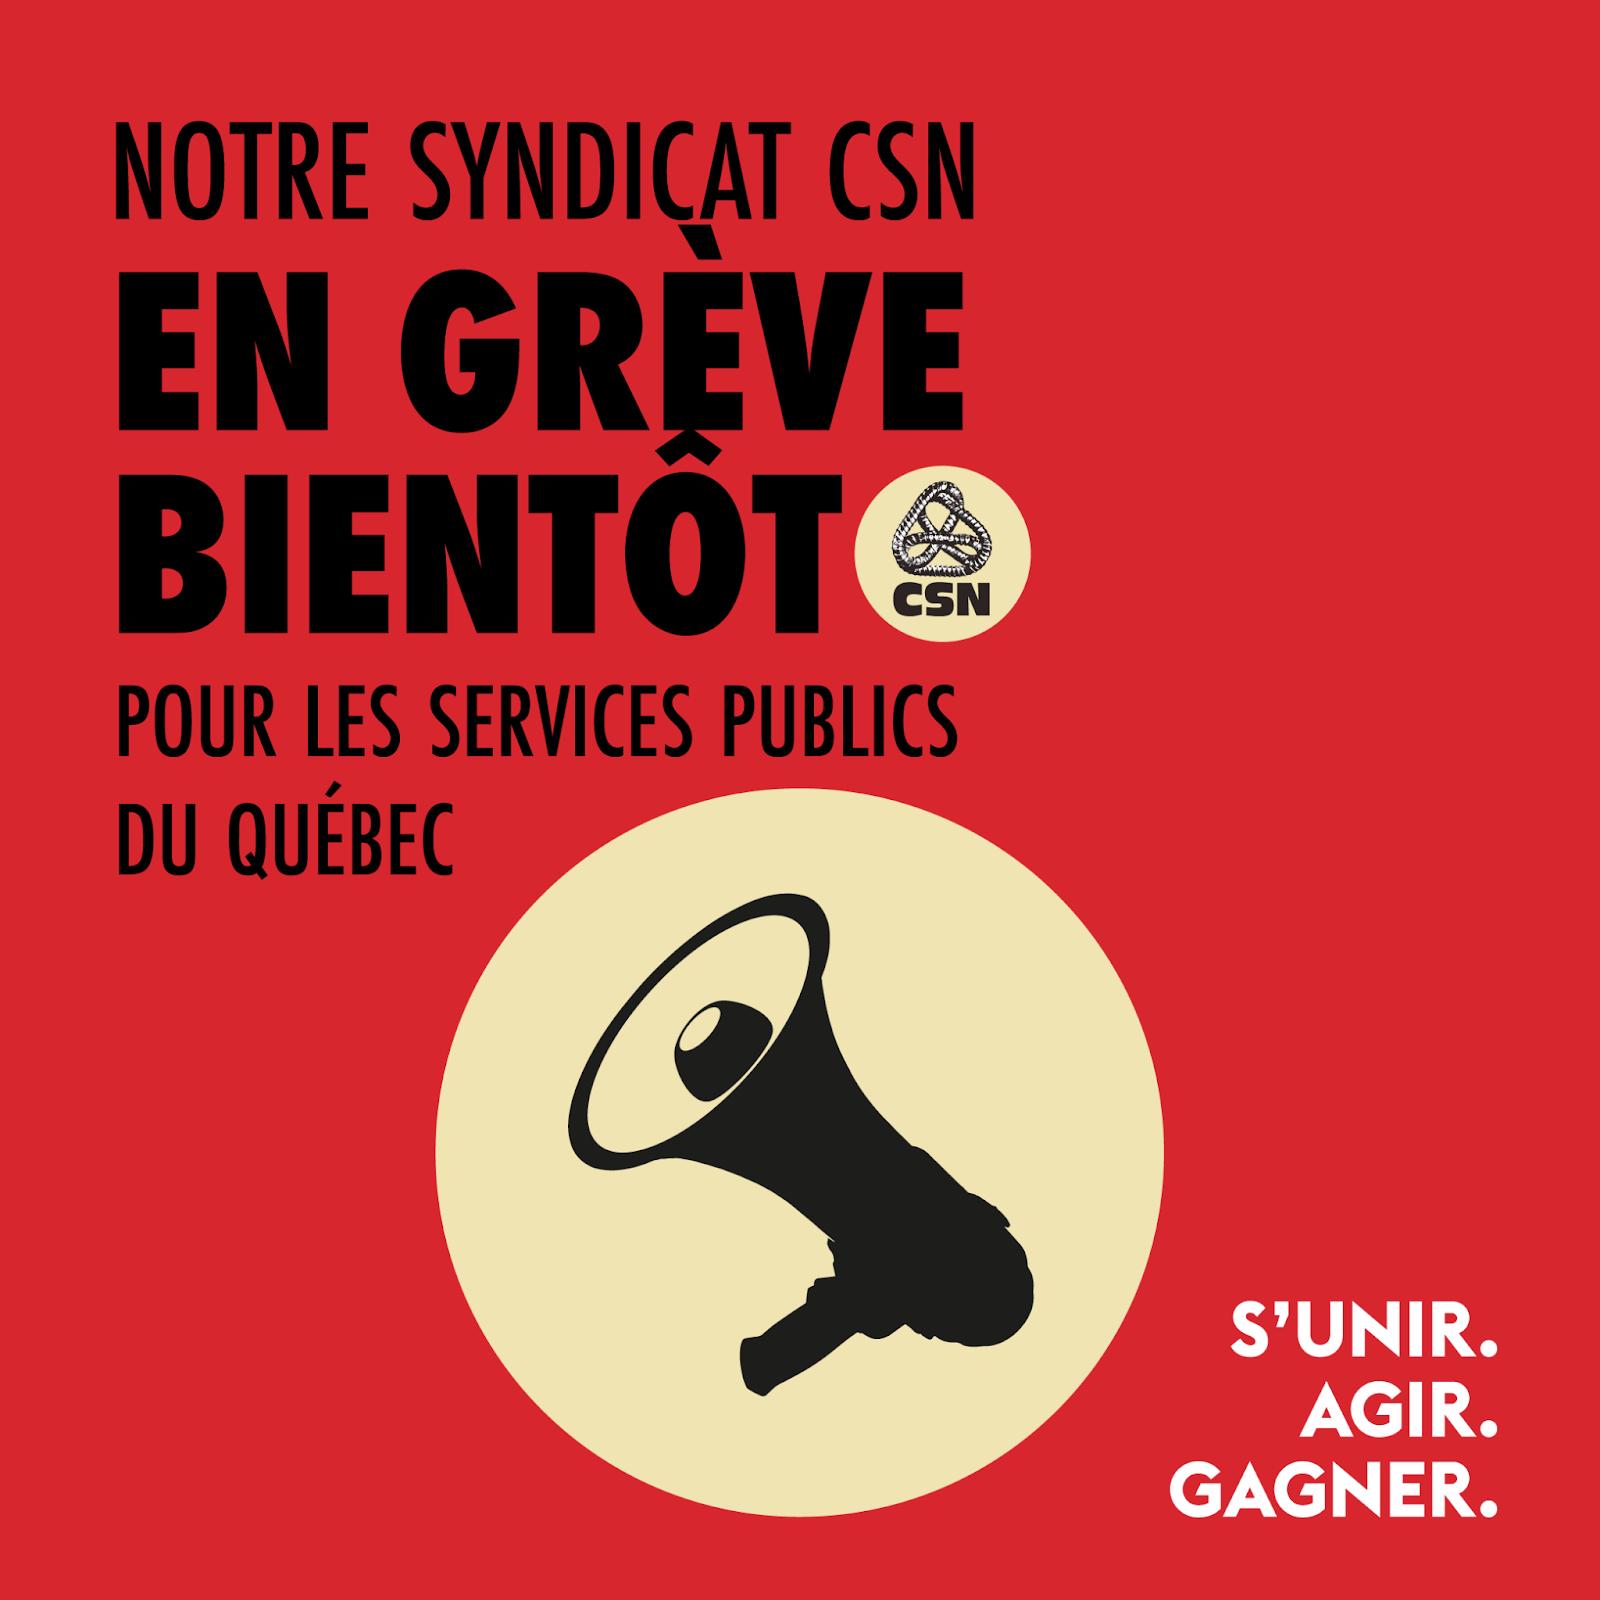 Assemblées générale spéciale vote de grève - avril 2021